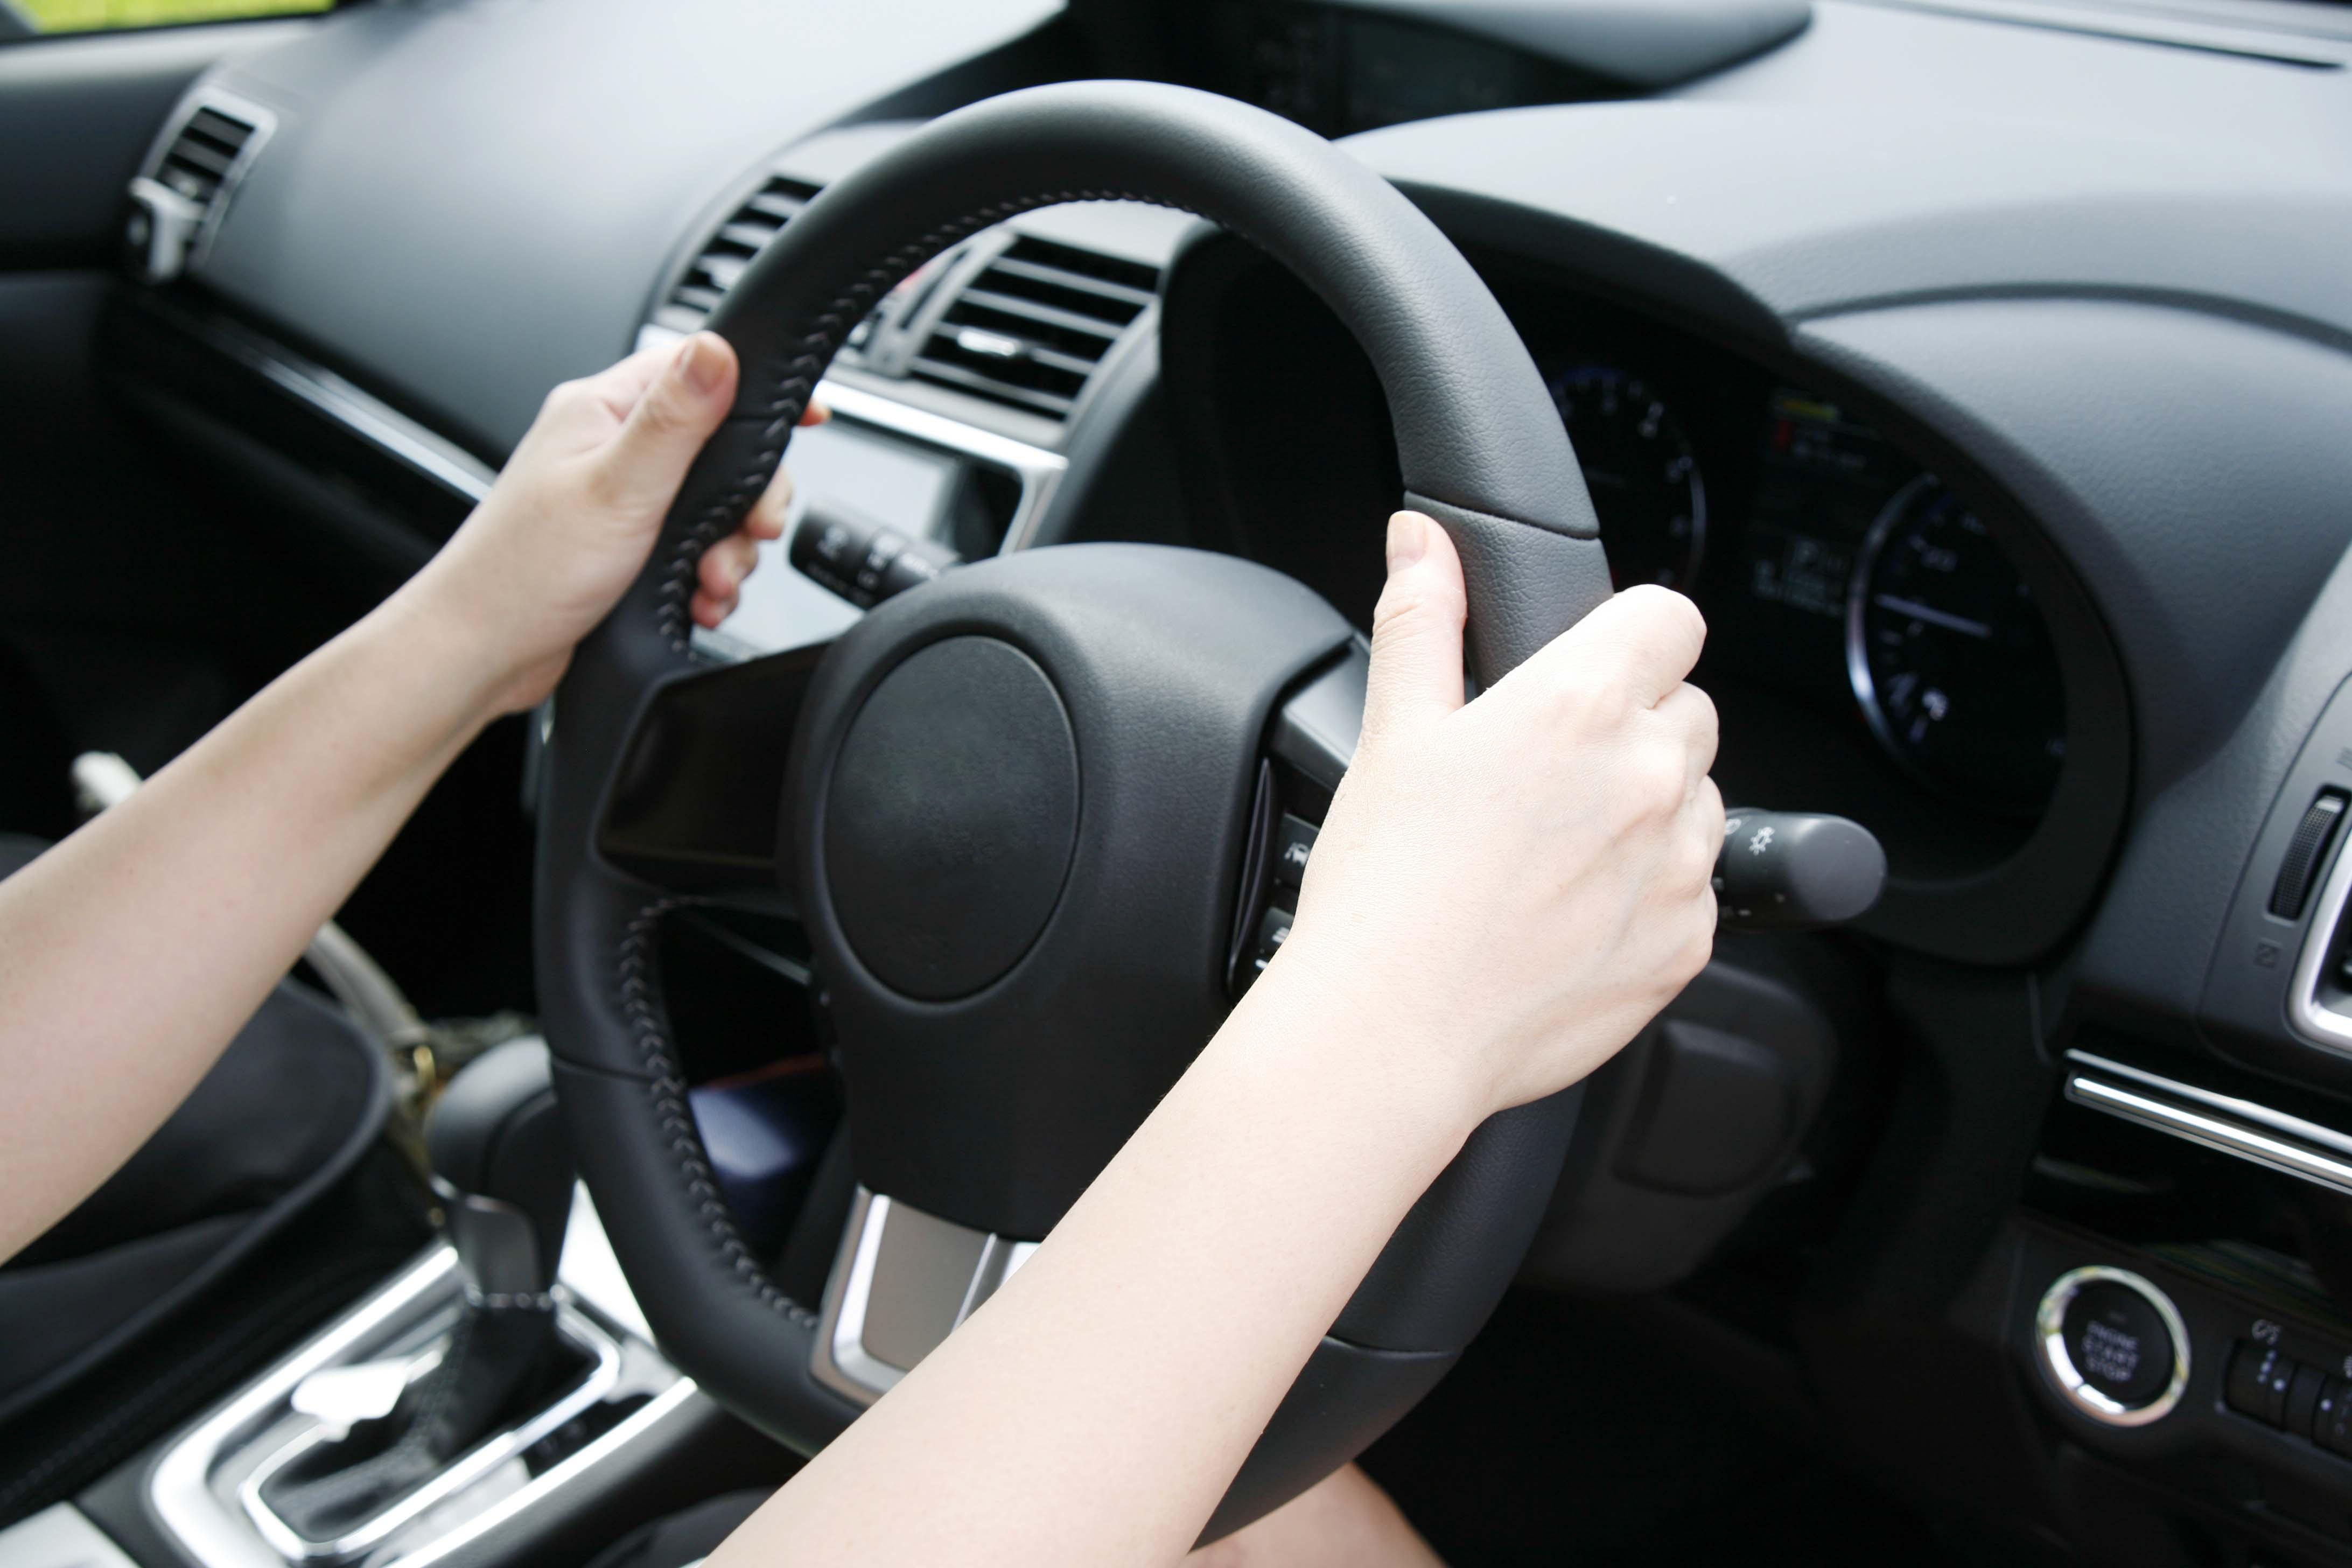 【知らなかったでは済まされない】愛車の寿命を縮める「うっかり運転」